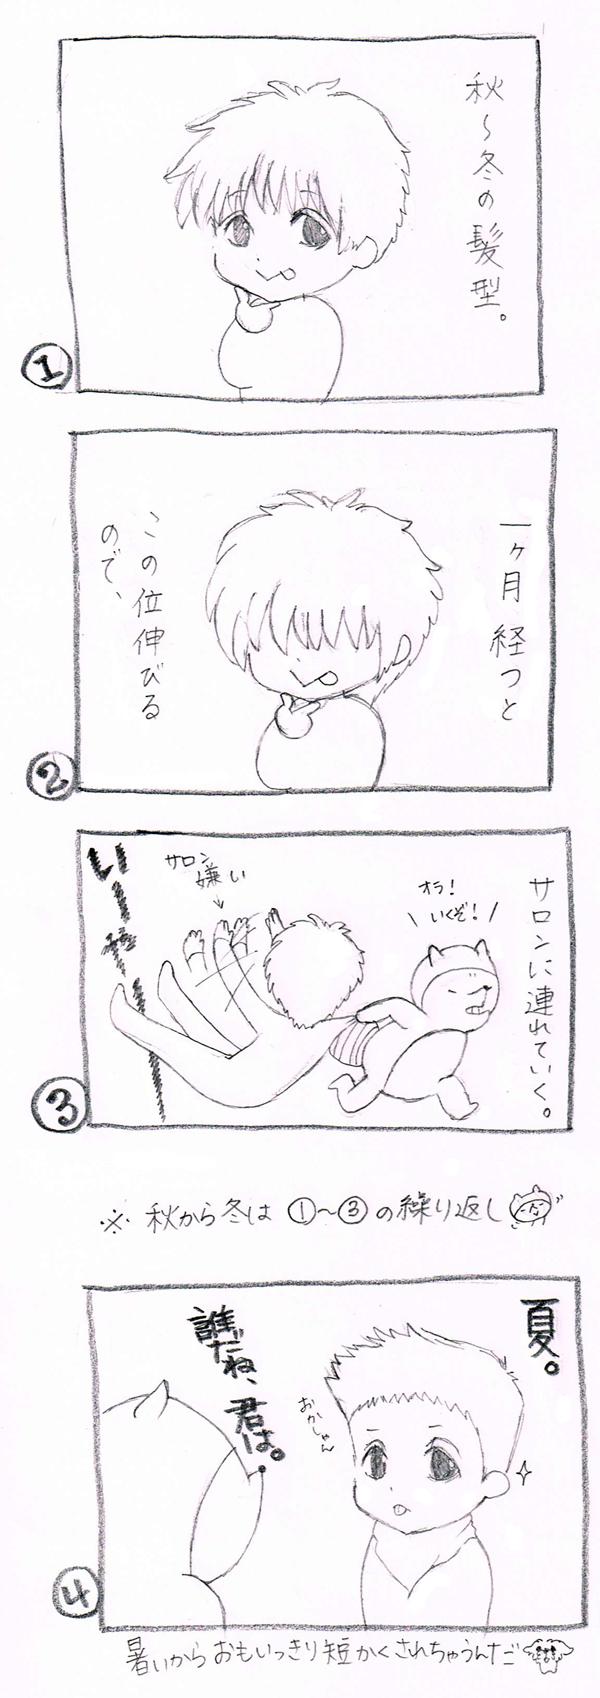 shiro_hair.jpg